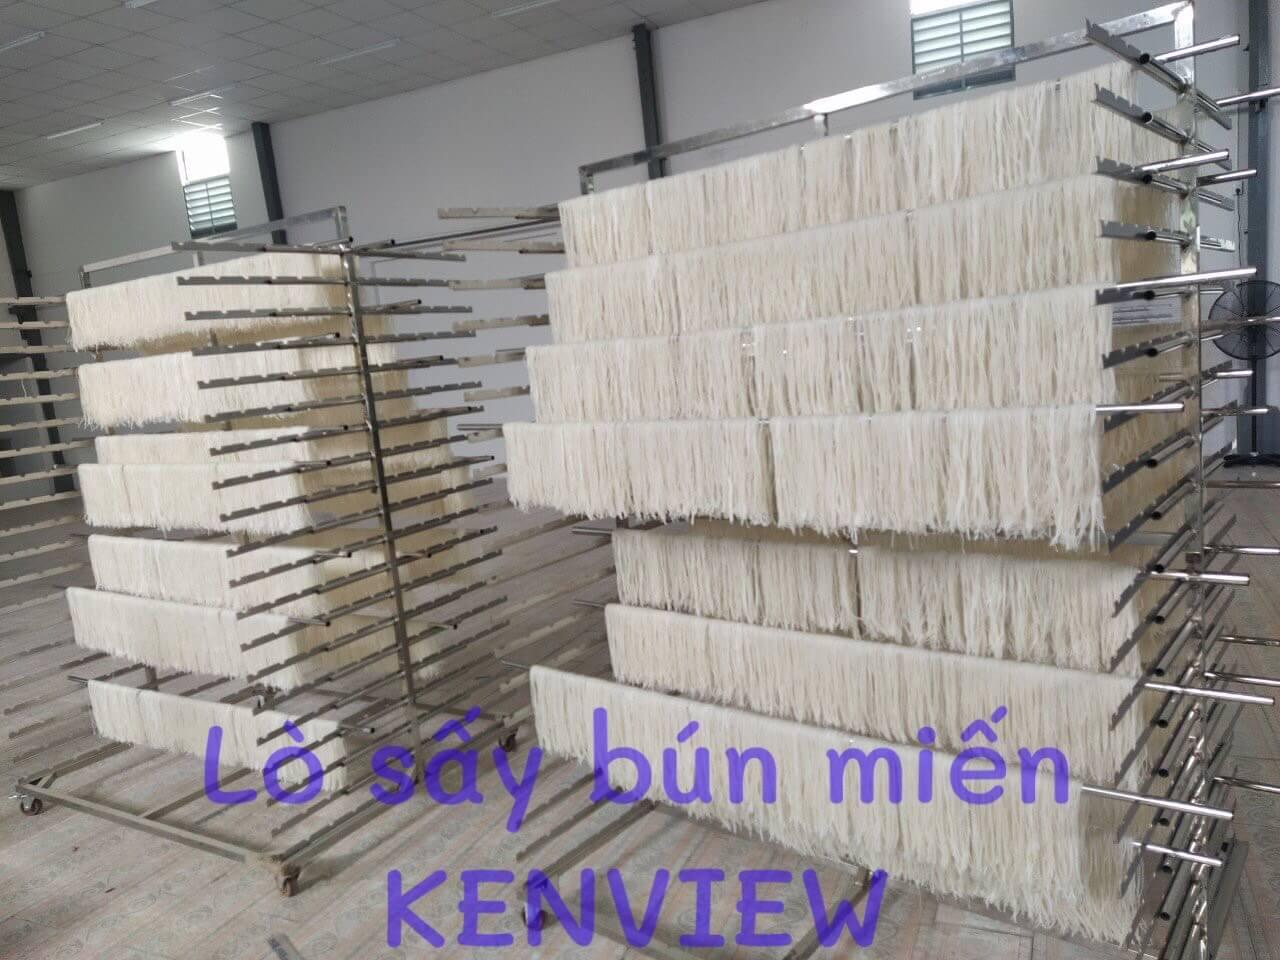 Kenview cung cấp máy sấy bún, mì tại Quảng Trị 0978 280 912